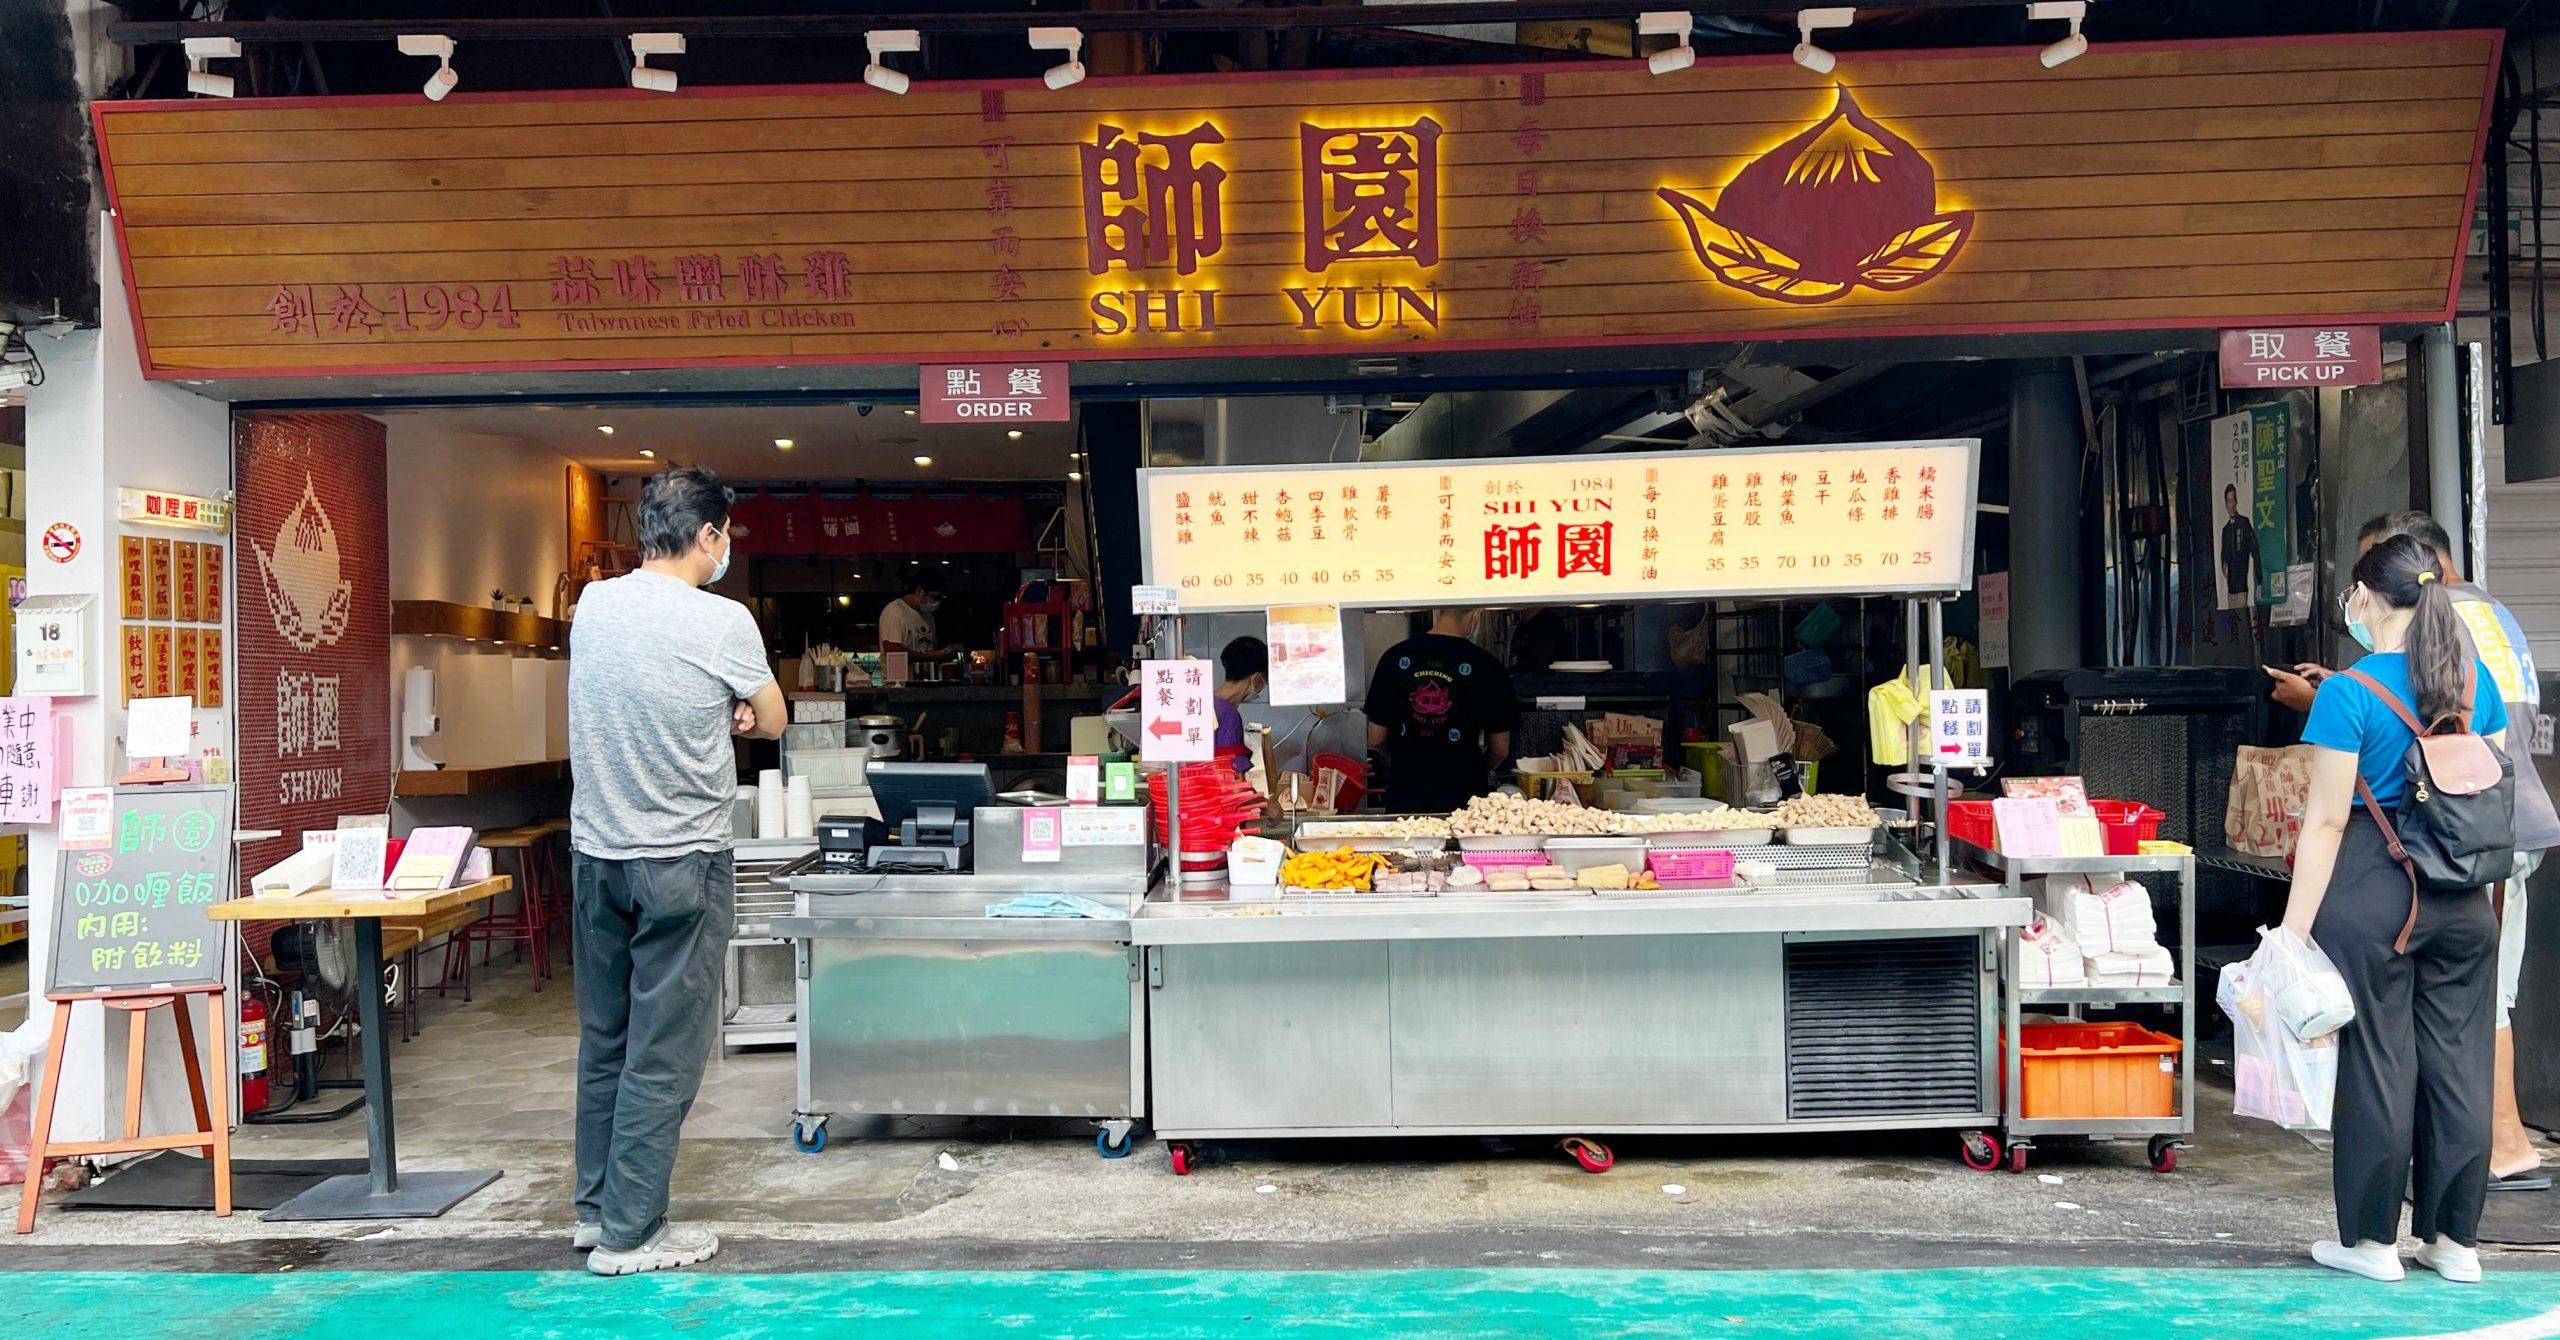 師園鹹酥雞,師園鹹酥雞菜單,師園,師大美食懶人包 @Nash,神之領域